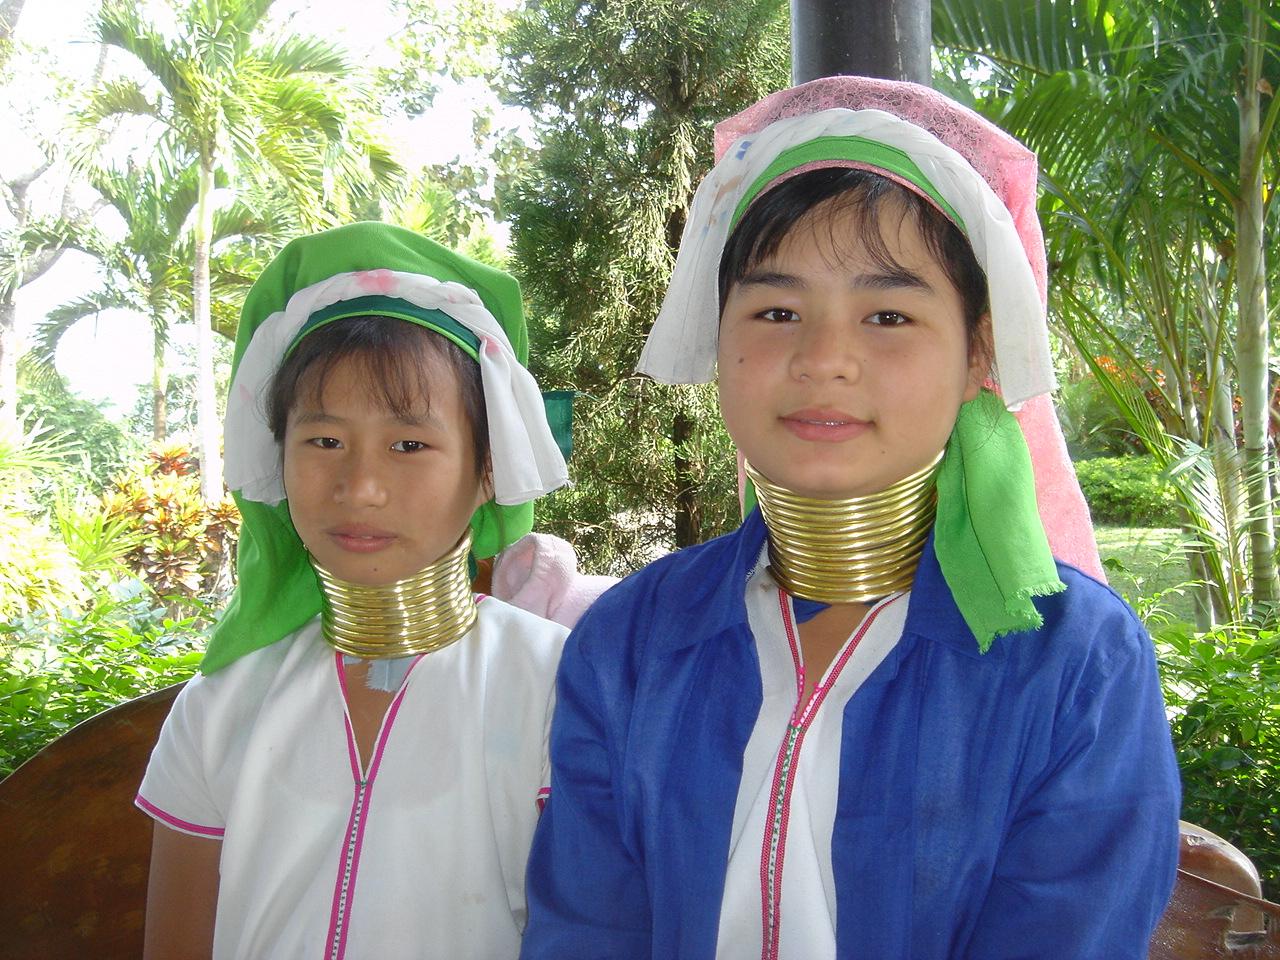 カレン族の暮らし!シルバーアクセサリーを作るタイやミャンマーの民族!